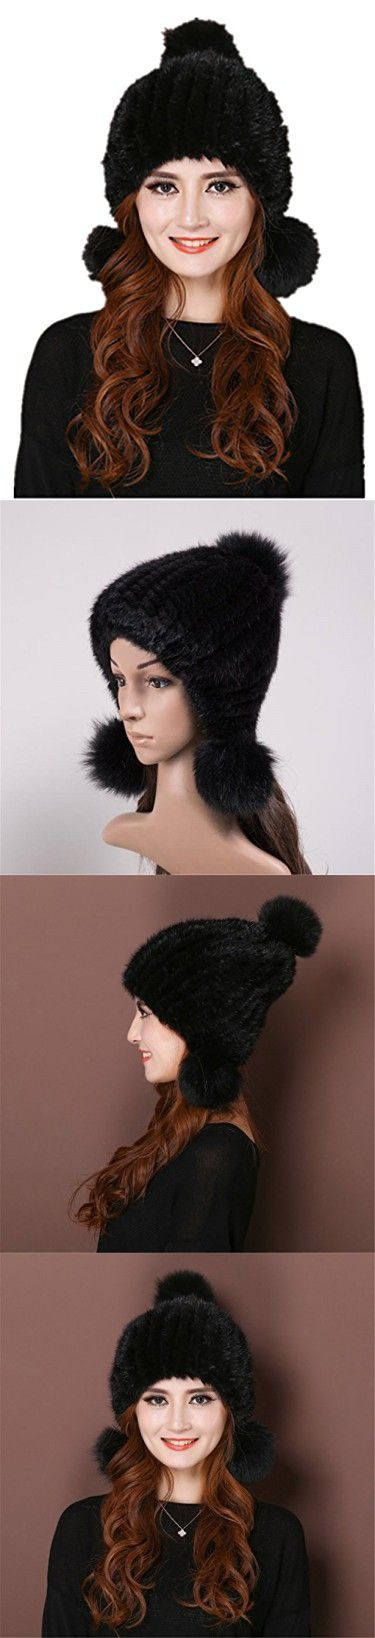 Baju Woman's Winter Mink Skin Fox Fur Trapper Bomber Hat (Black)